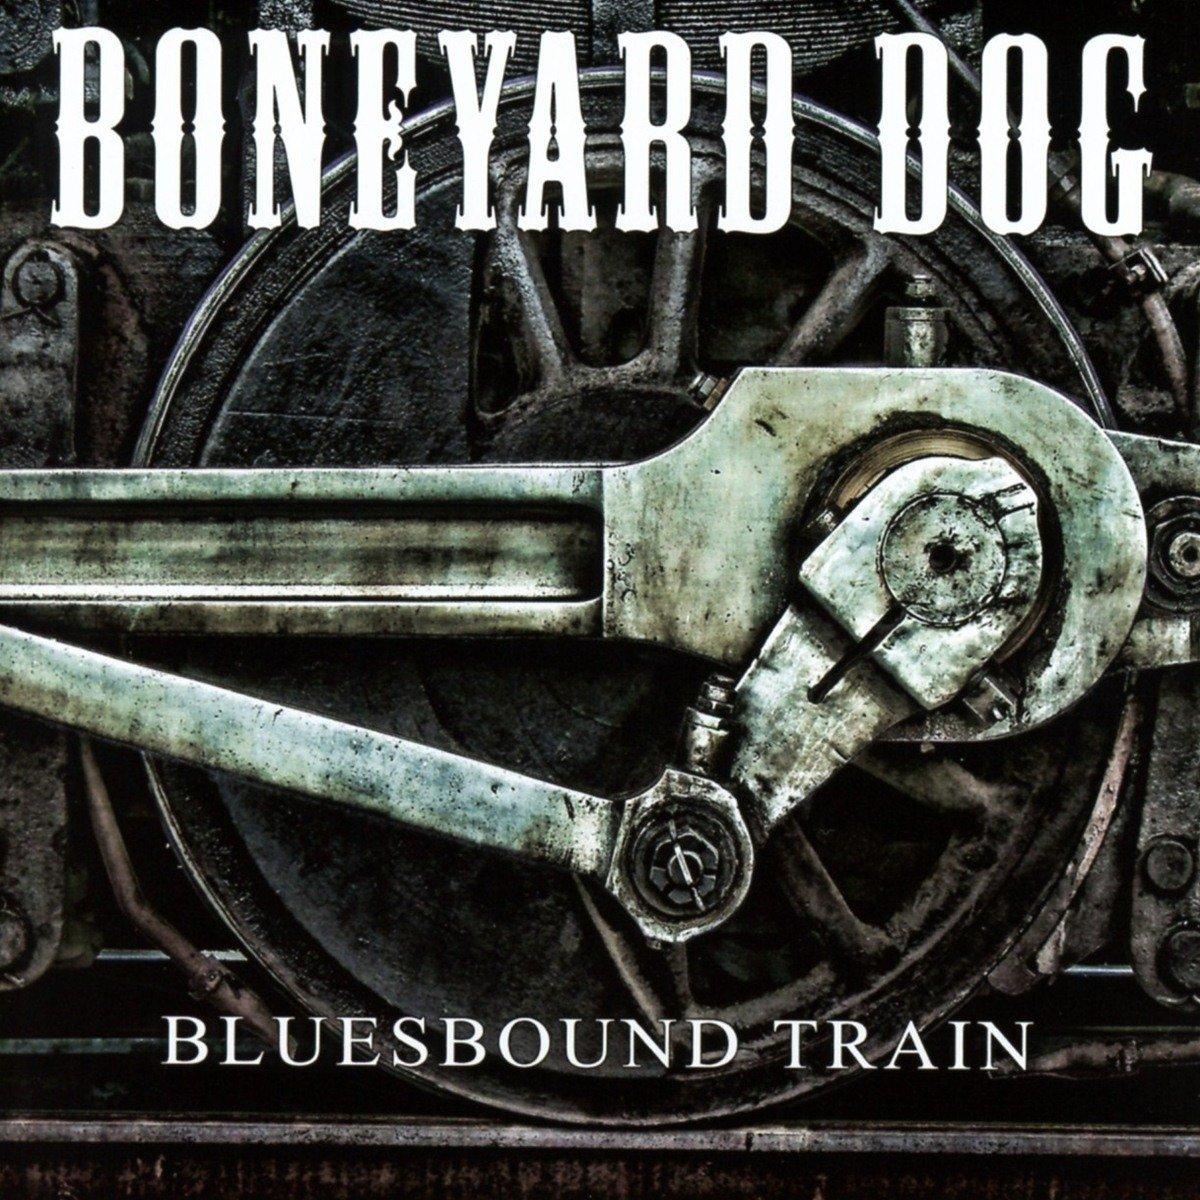 boneyard dog-bluesbound train